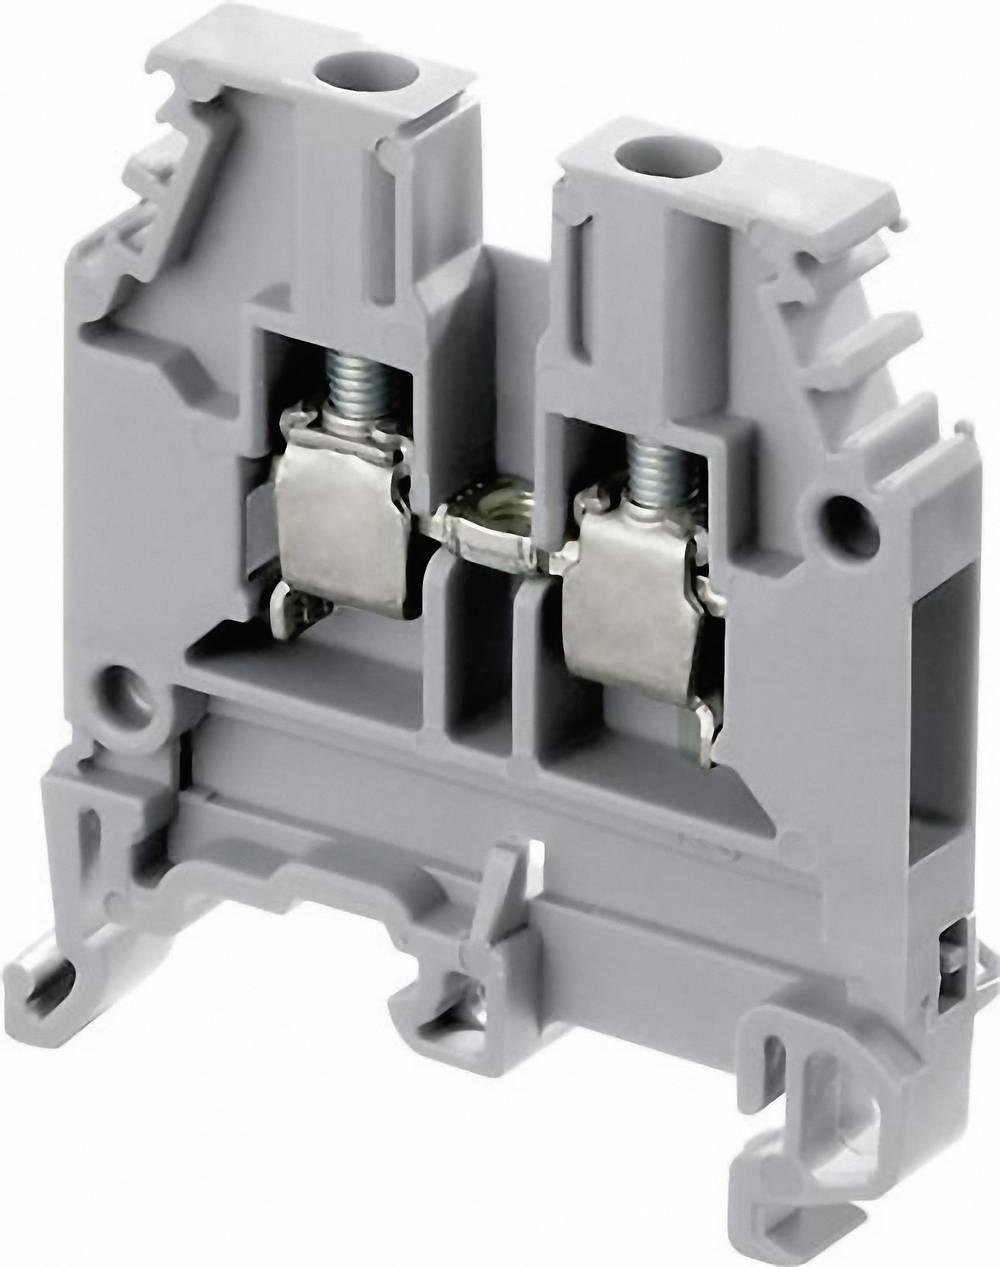 Gennemgangsklemme 12 mm Skruer Belægning: L Grå ABB 1SNA 115 118 R1100 1 stk